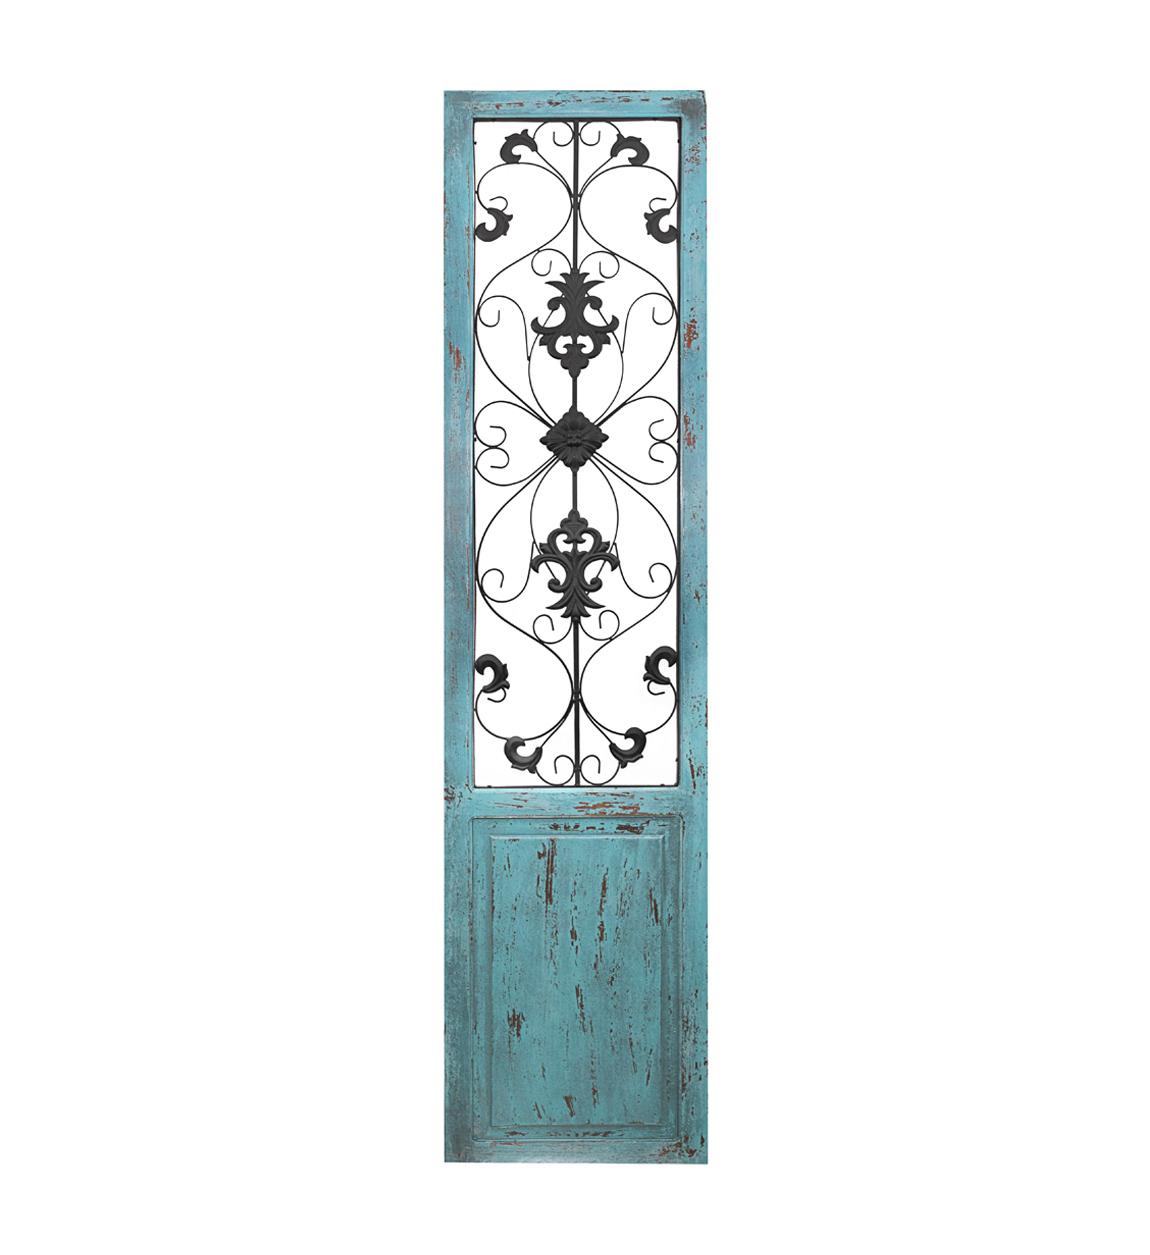 Panneau décoratif en métal et bois turquoise